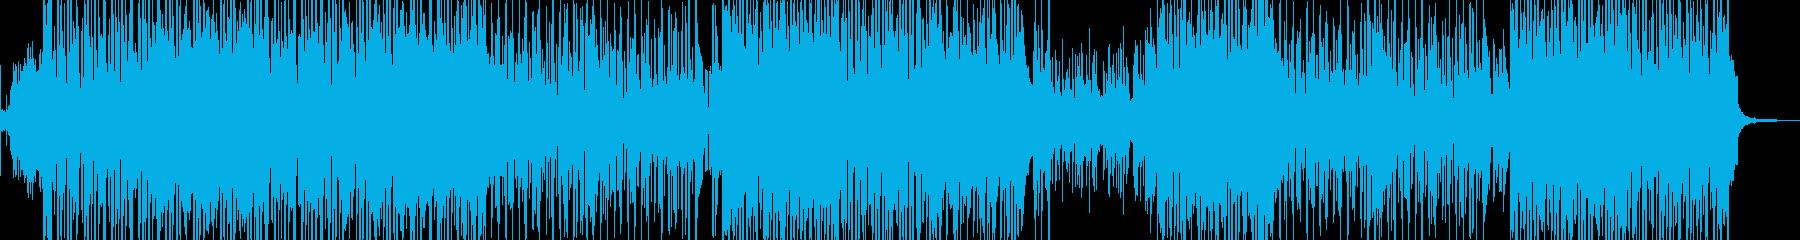 琴・尺八・レトロな演歌調R&Bポップ Sの再生済みの波形